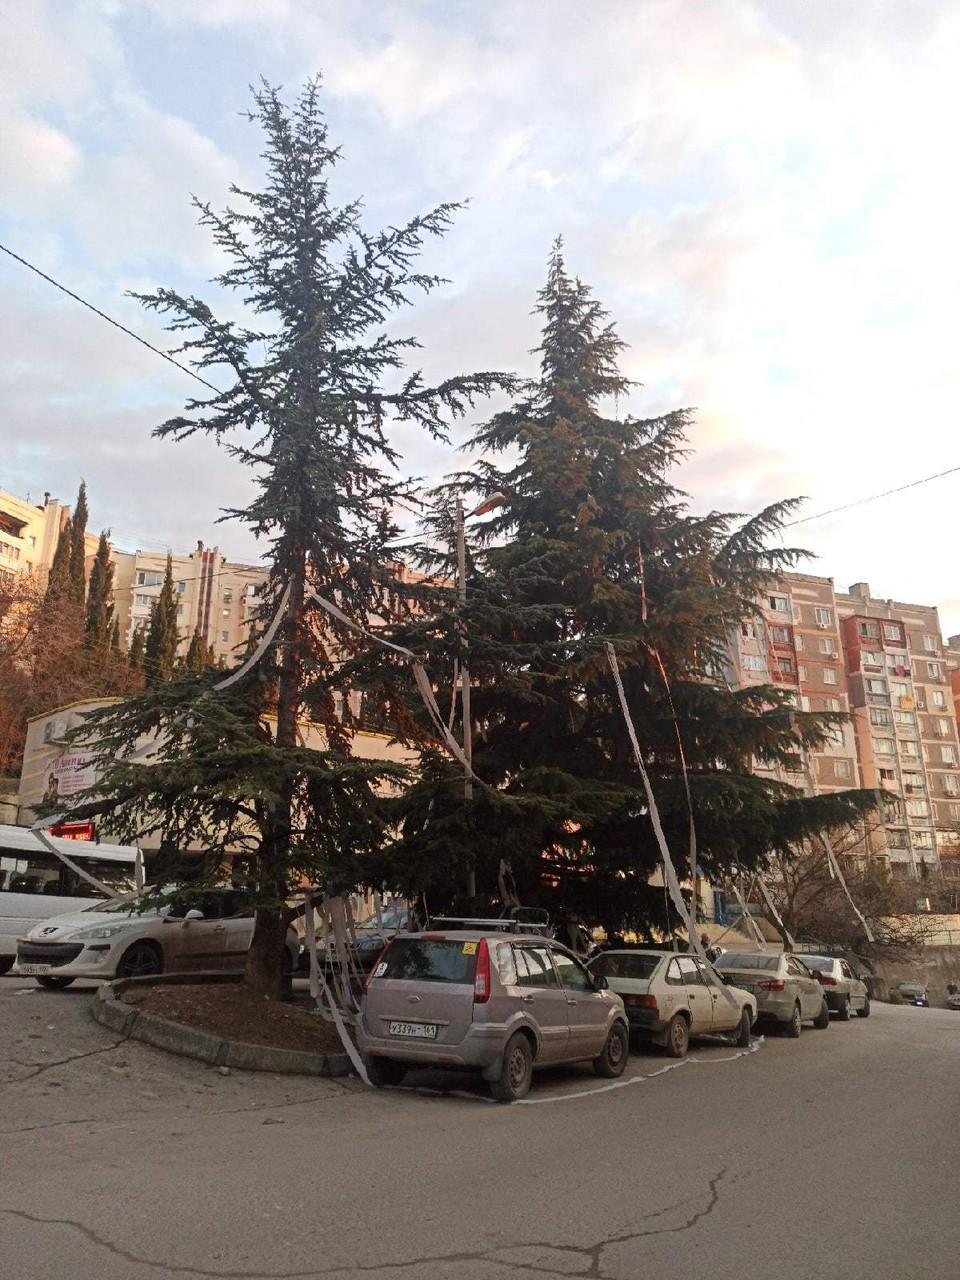 Какой-то шутник обмотал елки бумагой. Фото: Вова Николаенко/ПОДСЛУШАНО ЯЛТА/VK